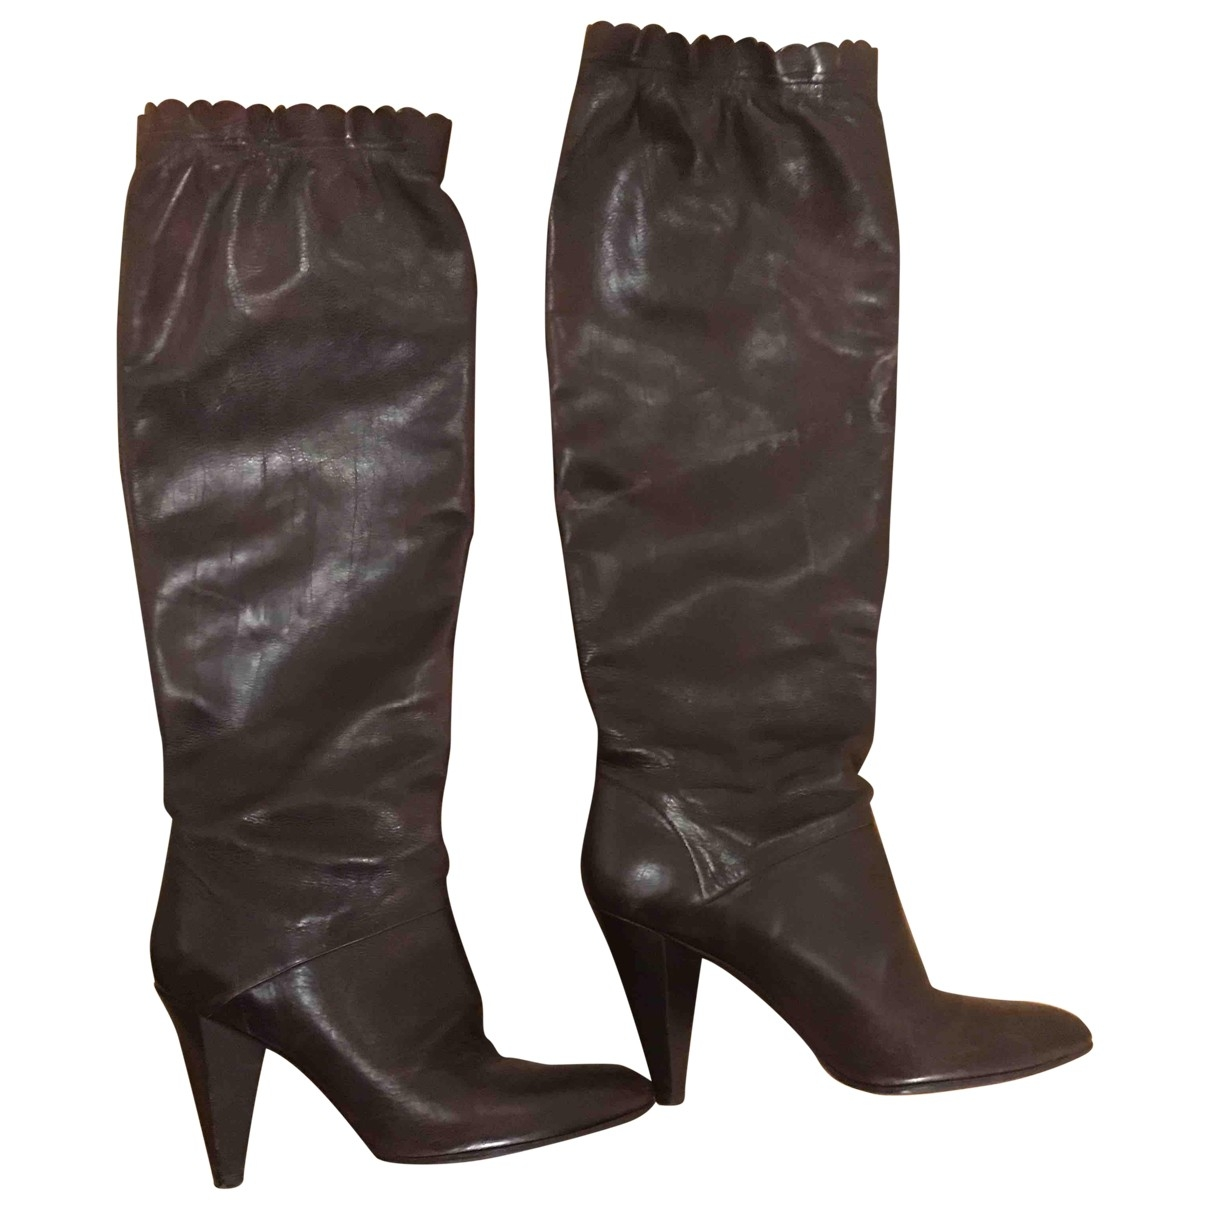 Marc Jacobs - Bottes   pour femme en cuir - marron